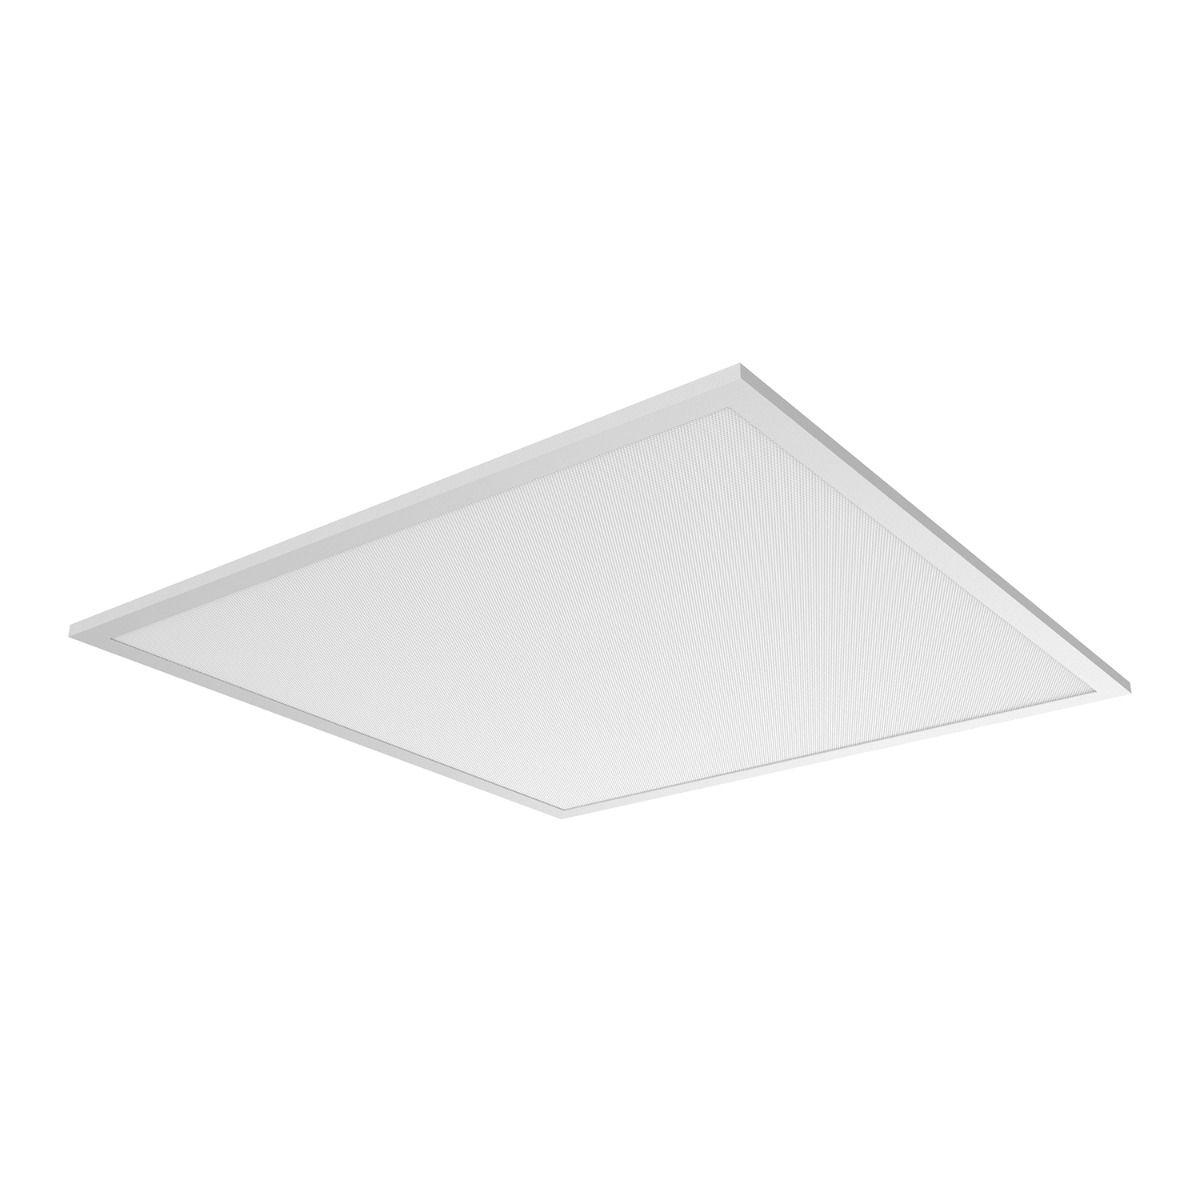 Noxion LED Panel Delta Pro V3 30W 3000K 3960lm 60x60cm UGR <19 | Replacer for 4x18W